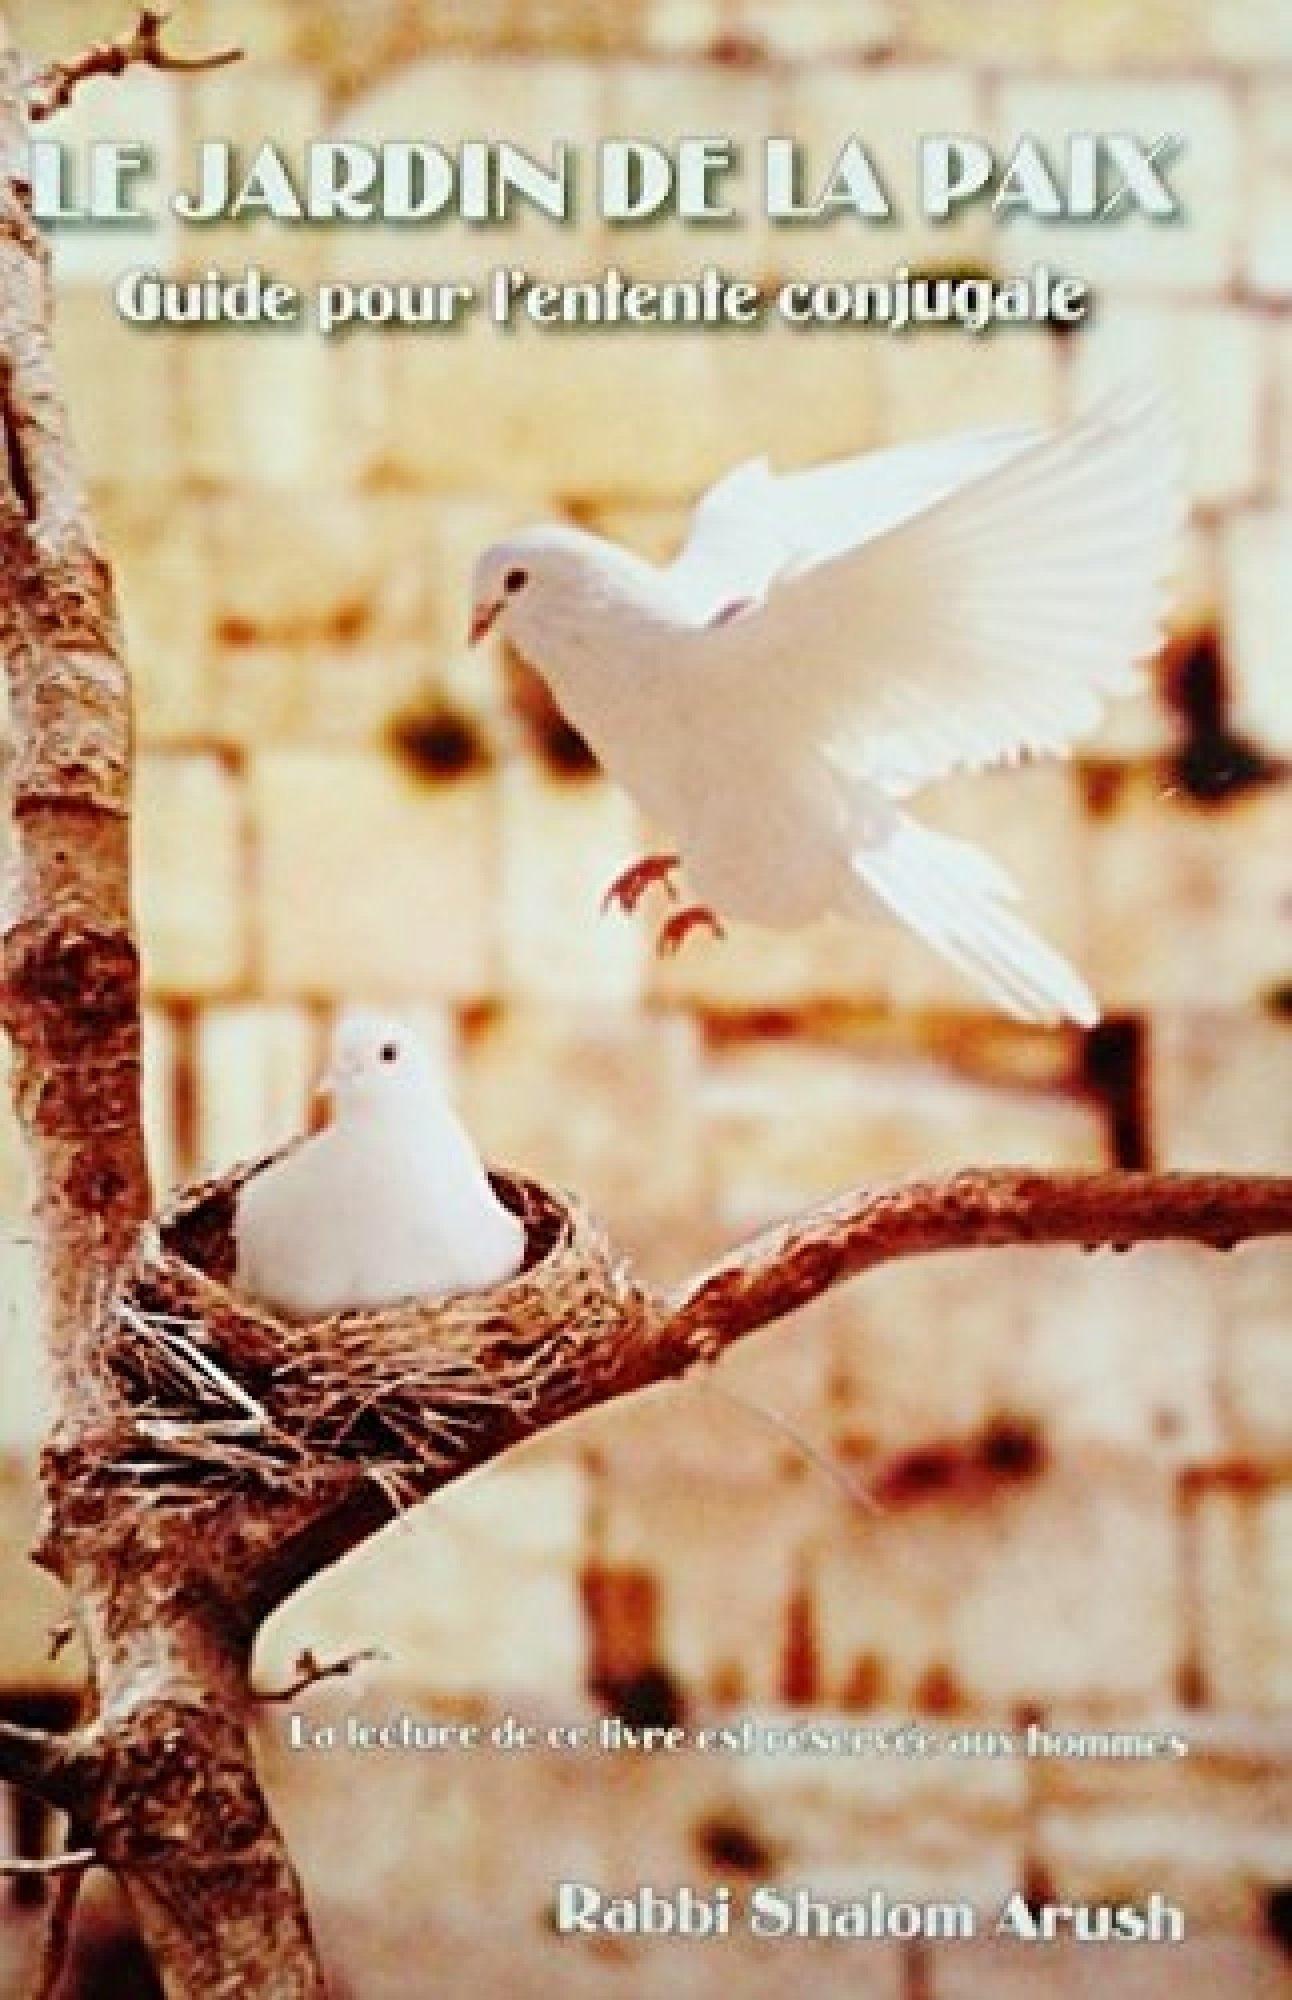 Le jardin de la paix - Guide pour l\'entente conjugale